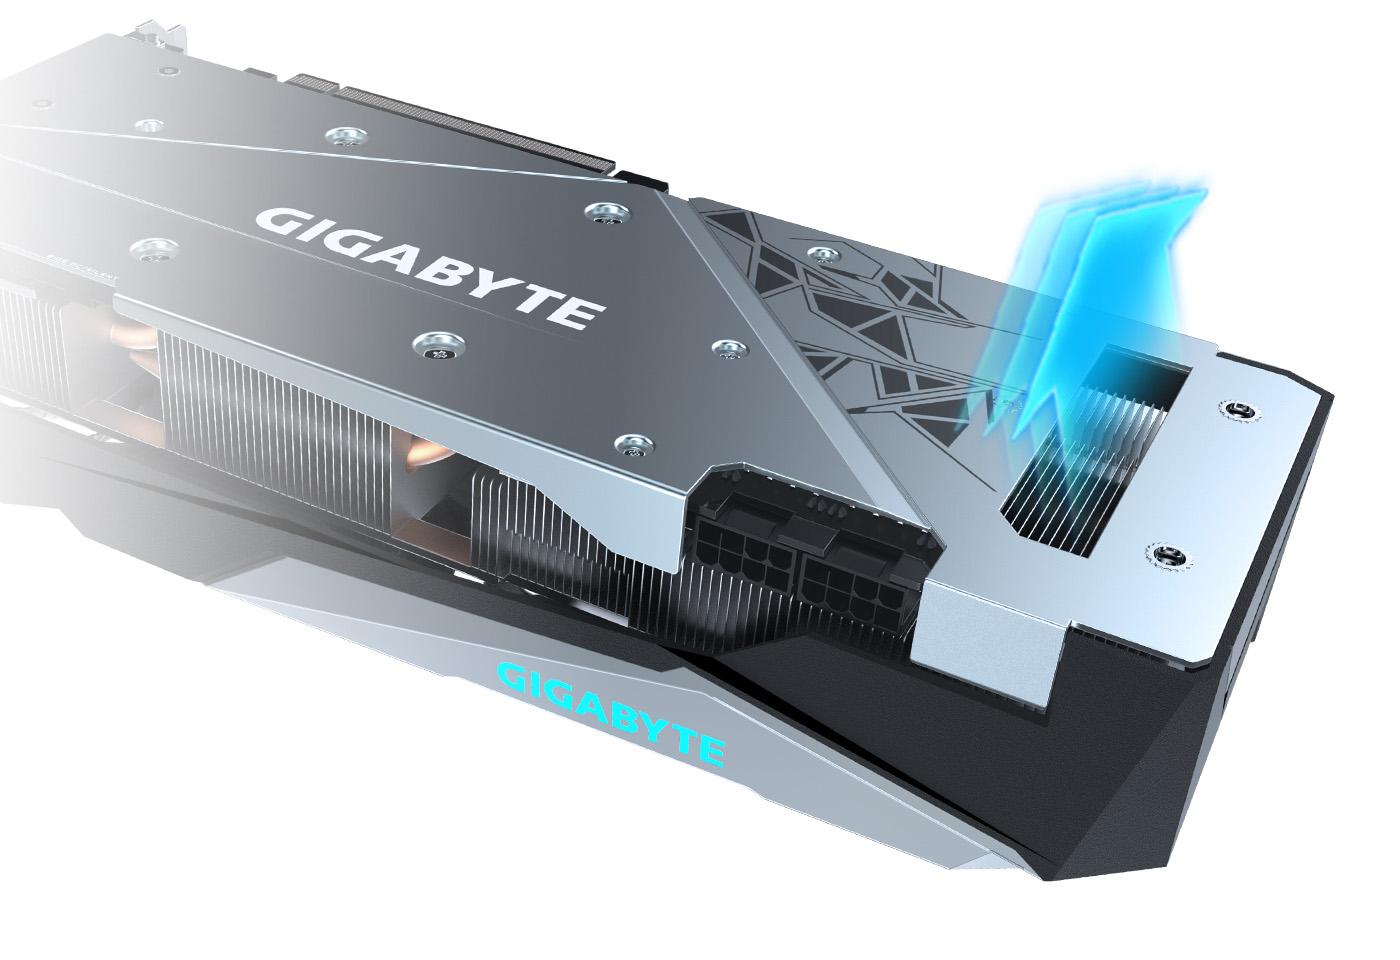 Gigabyte Radeon RX 6800 GAMING OC 16G có thiết kế tản nhiệt mở rộng